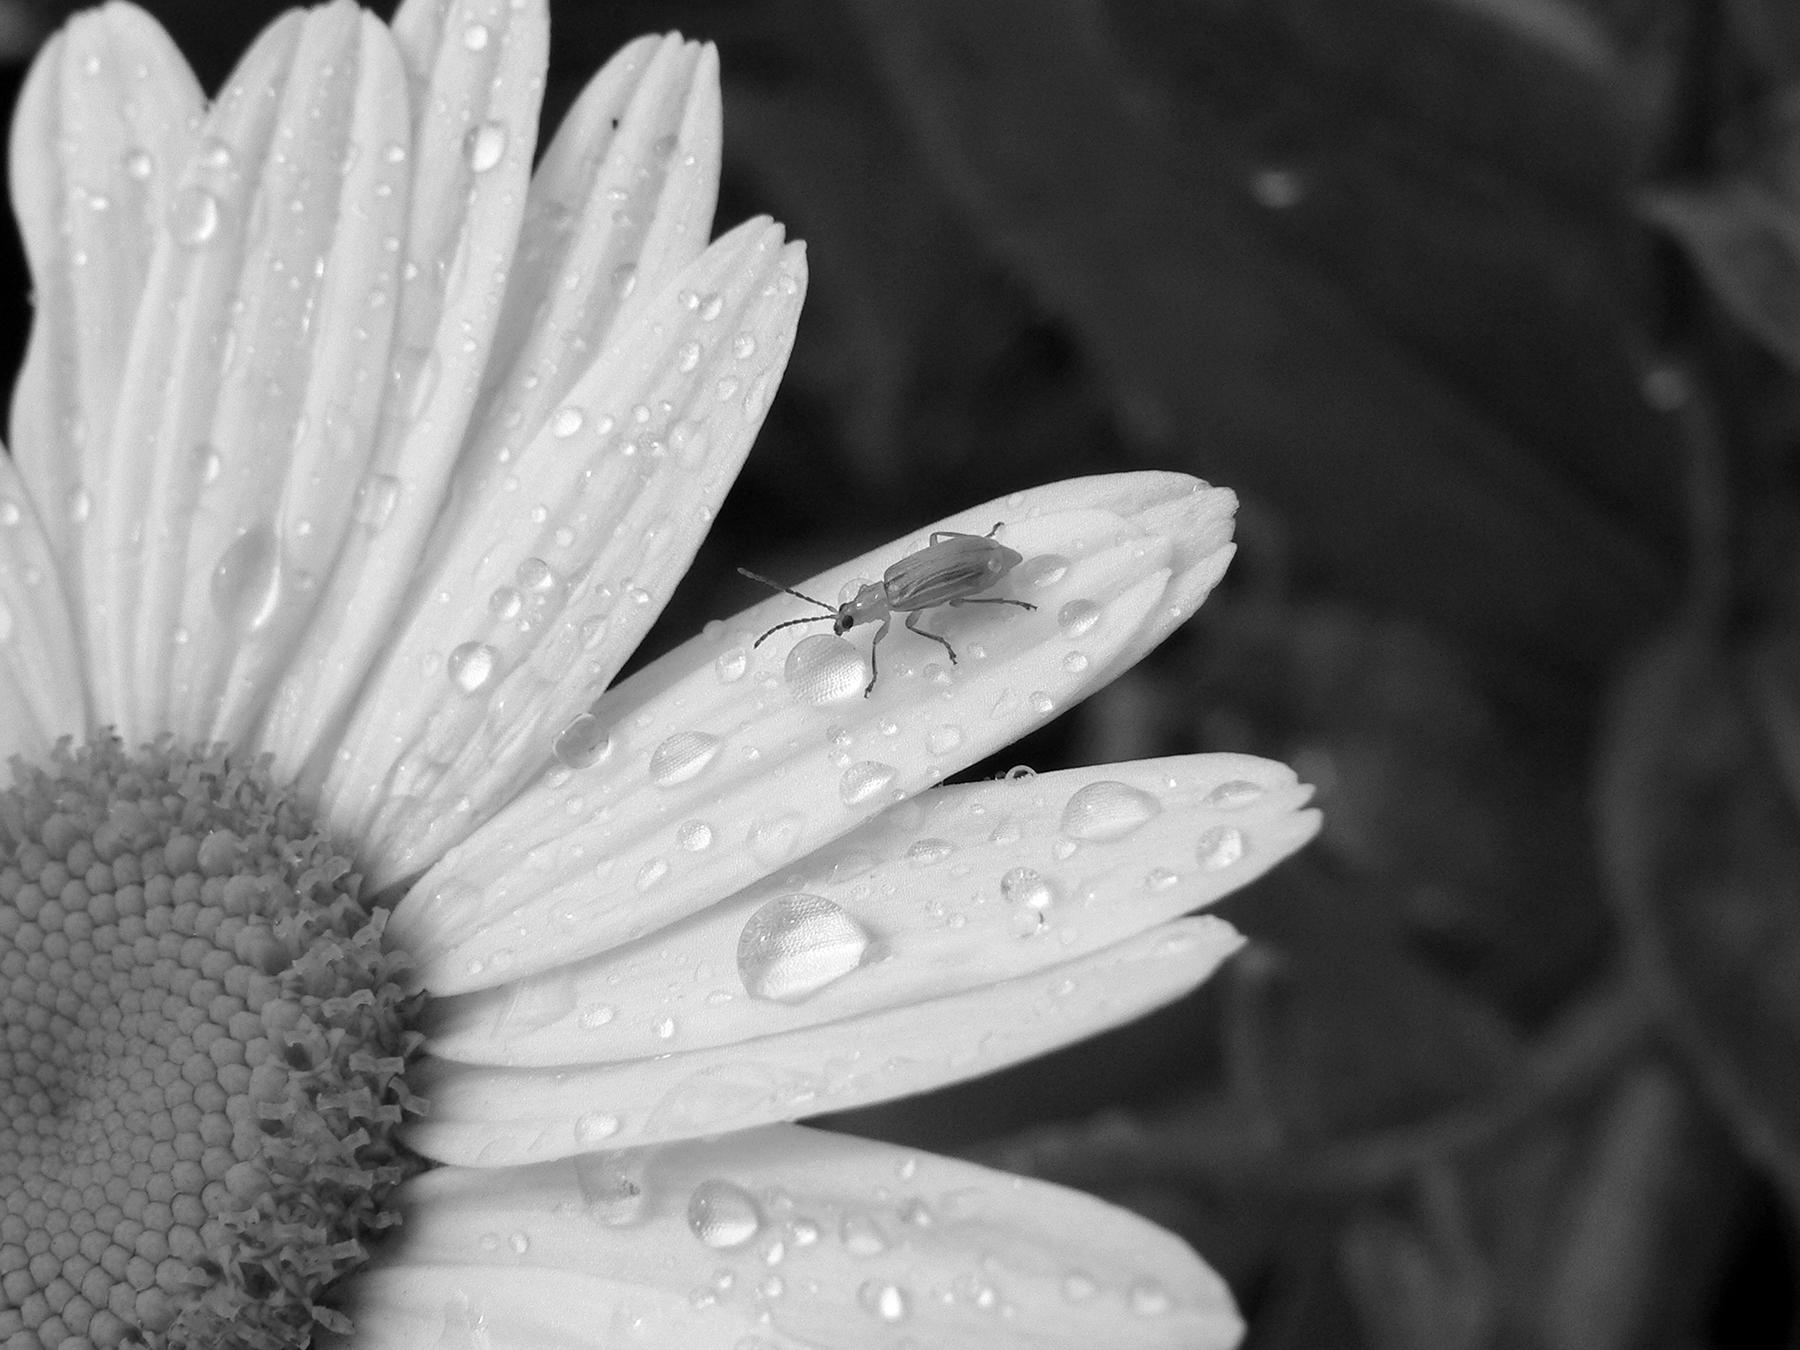 2012-09-29_BugFlower